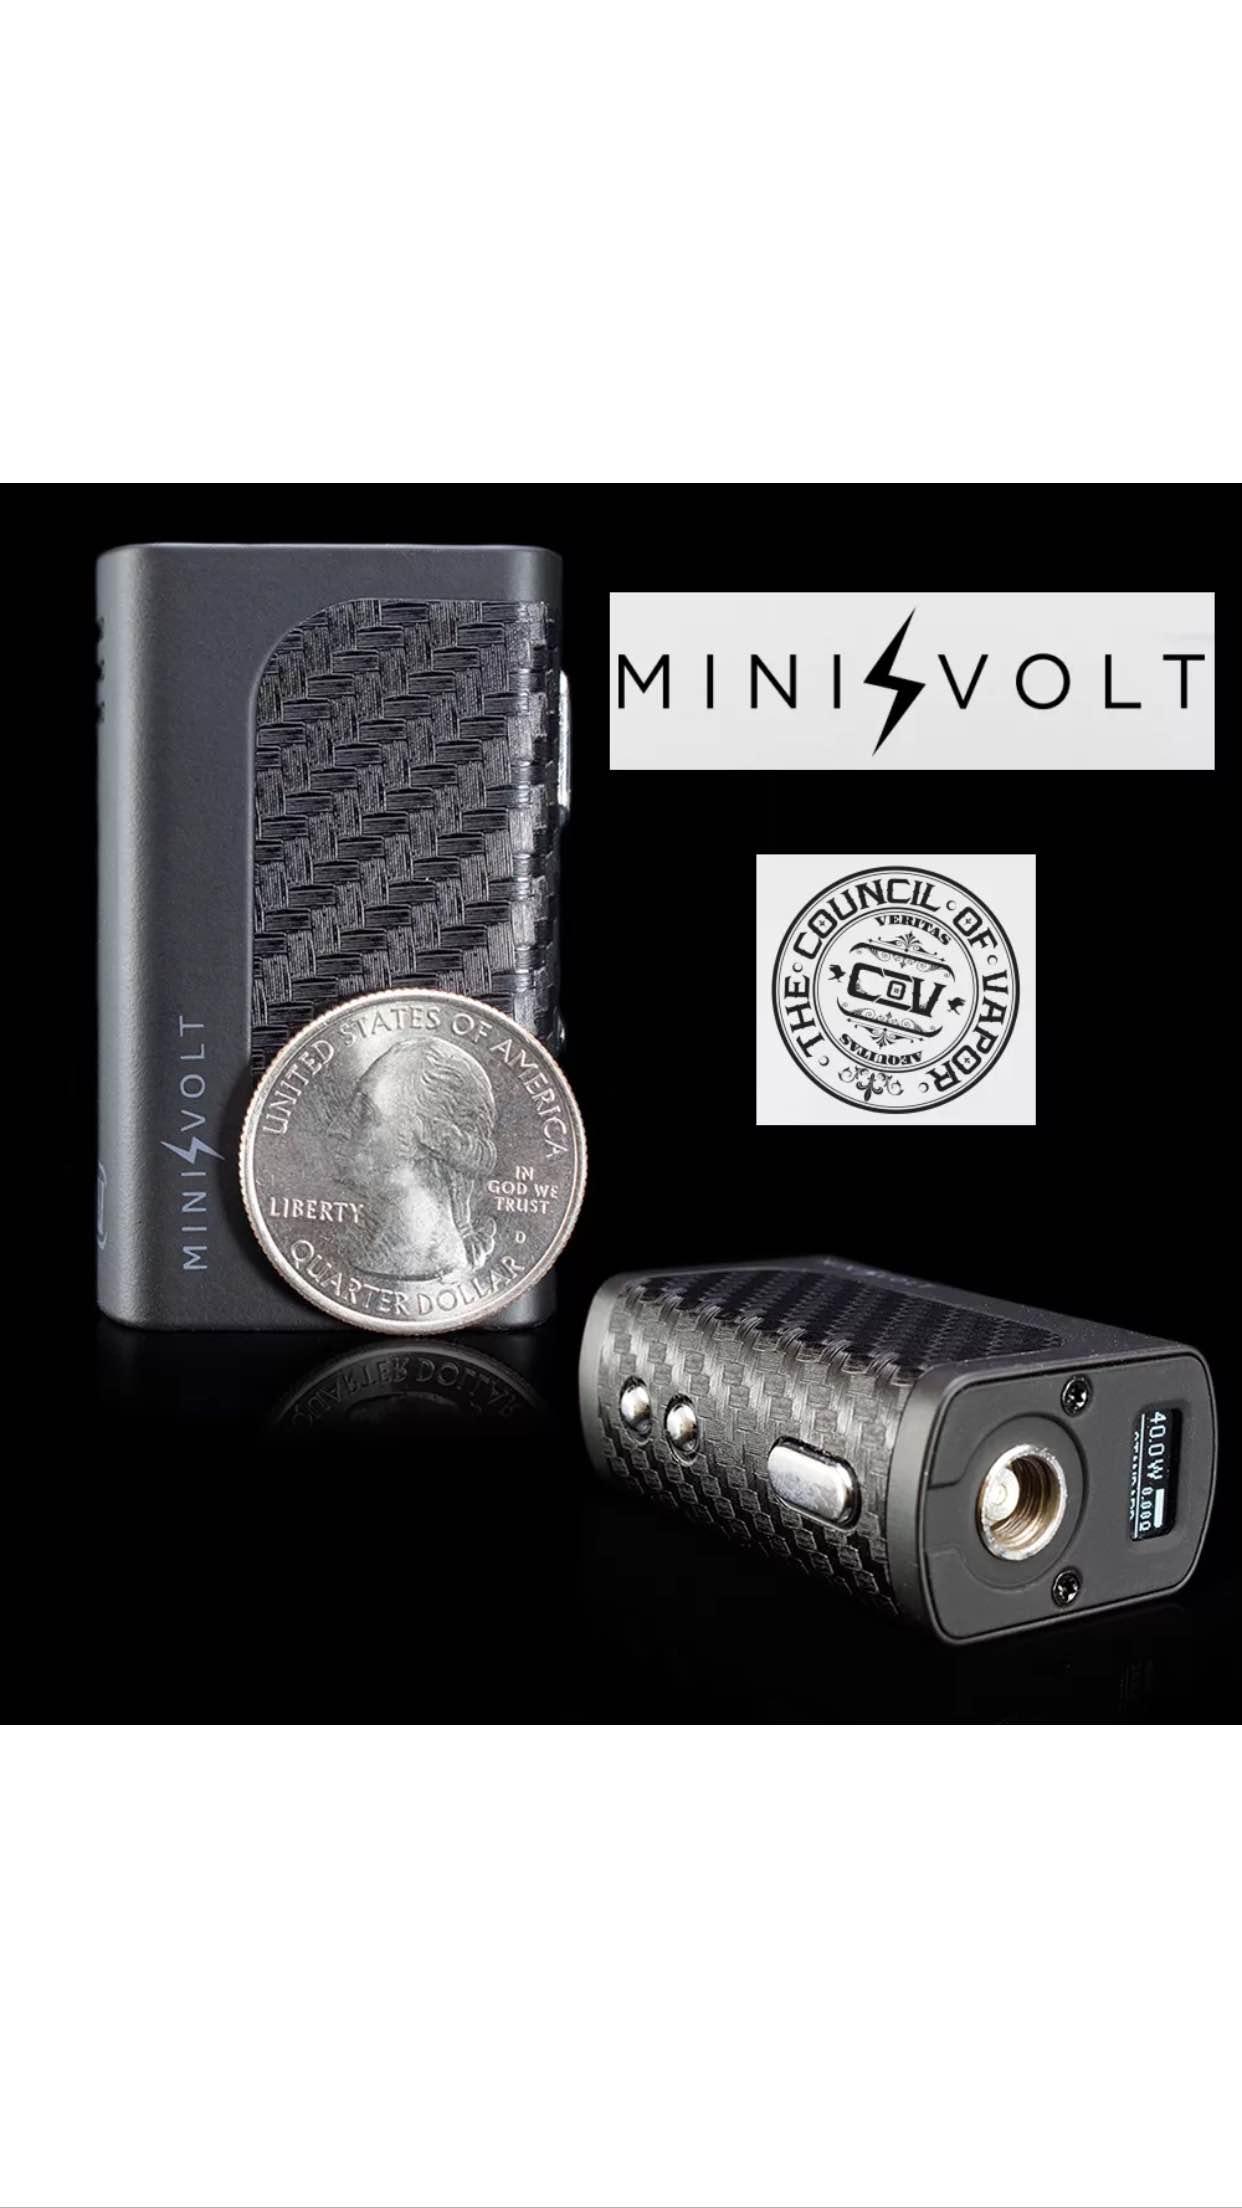 mini-volt-mod.jpg